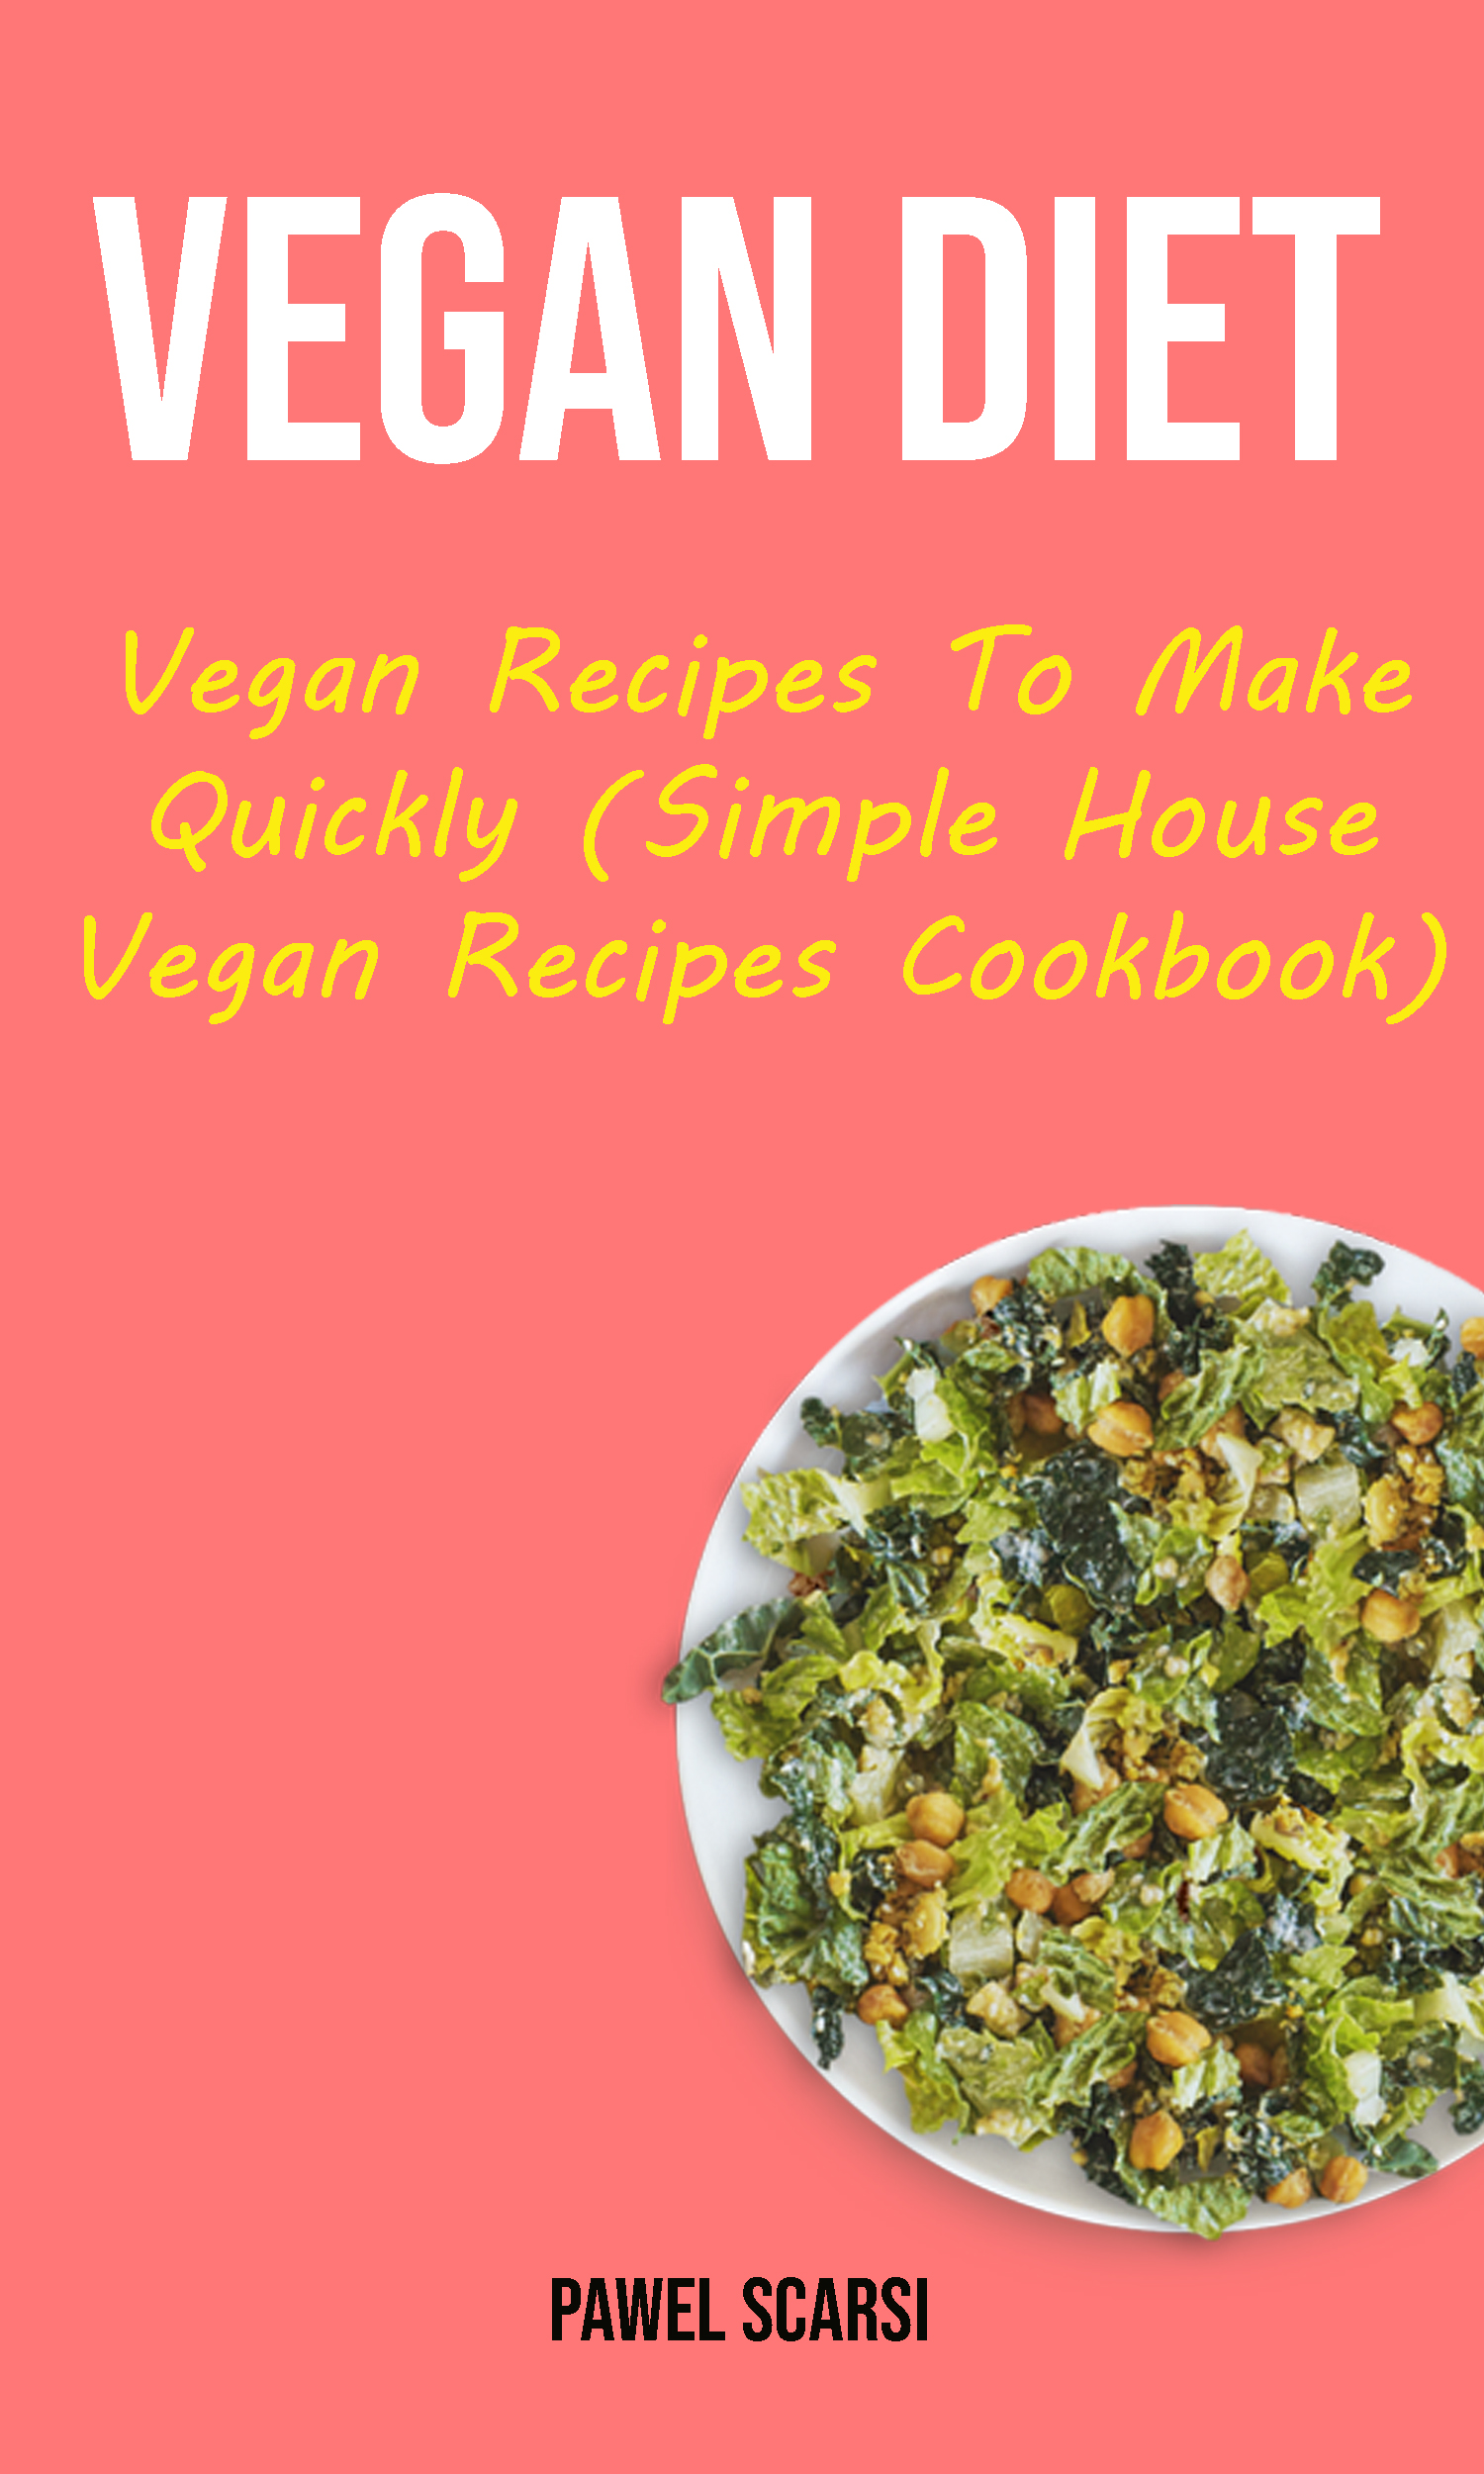 Vegan diet: vegan recipes to make quickly (simple house vegan recipes cookbook)